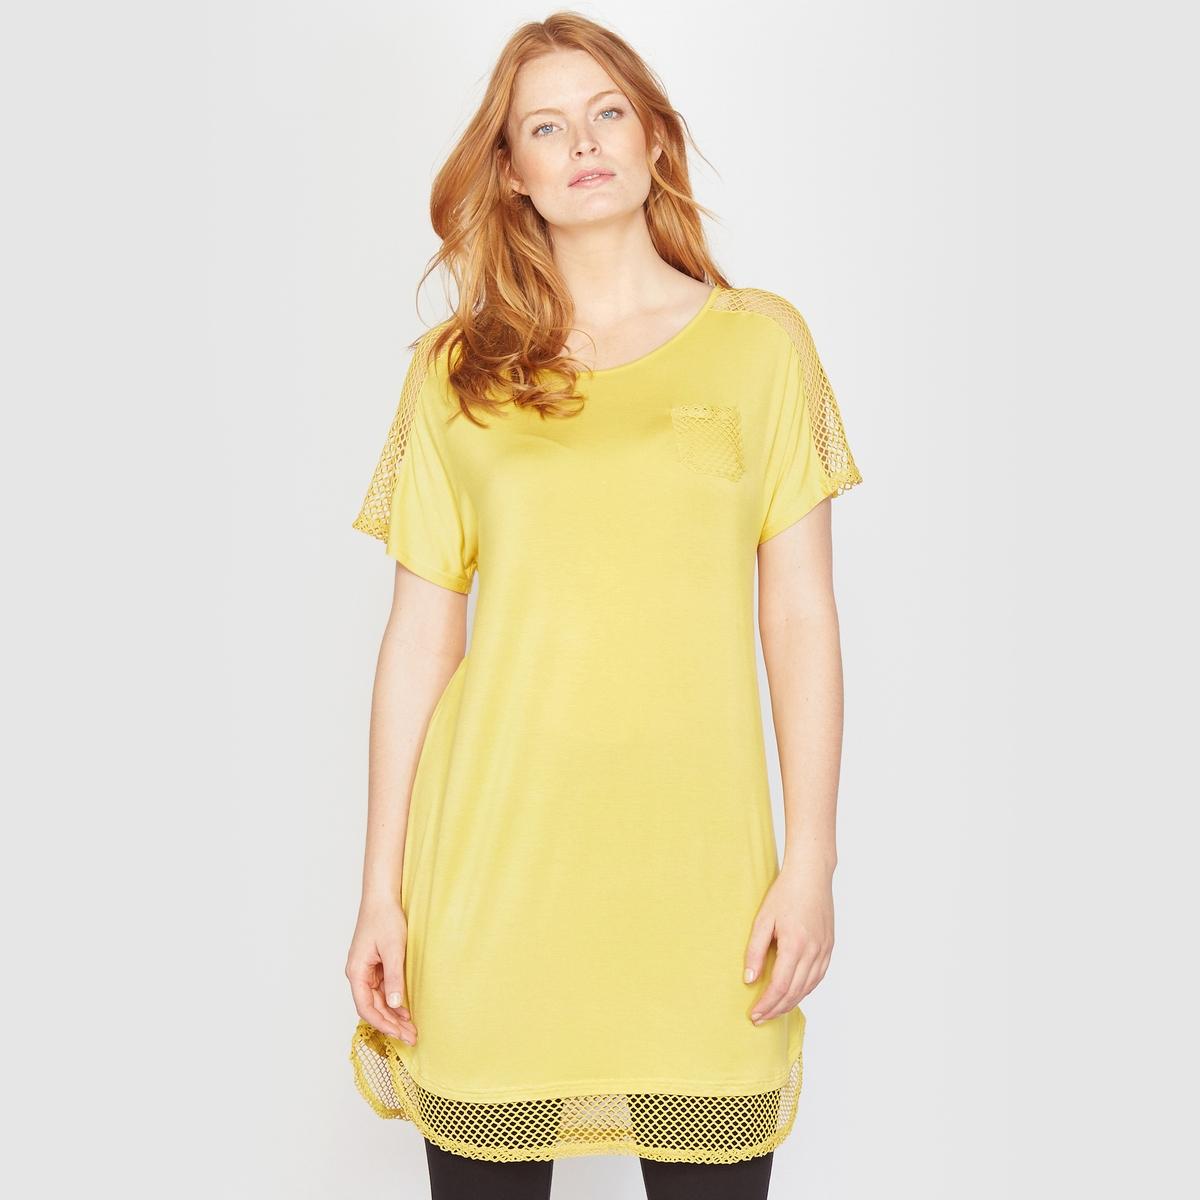 Футболка длиннаяФутболка длинная . Невероятно женственная с трикотажным узором на плечах . 1 накладной нагрудный карман. Короткие рукава. Круглый вырез. Закругленный низ . Джерси 97% вискозы, 3% эластана . Длина 86 см.<br><br>Цвет: желтый<br>Размер: 42/44 (FR) - 48/50 (RUS)